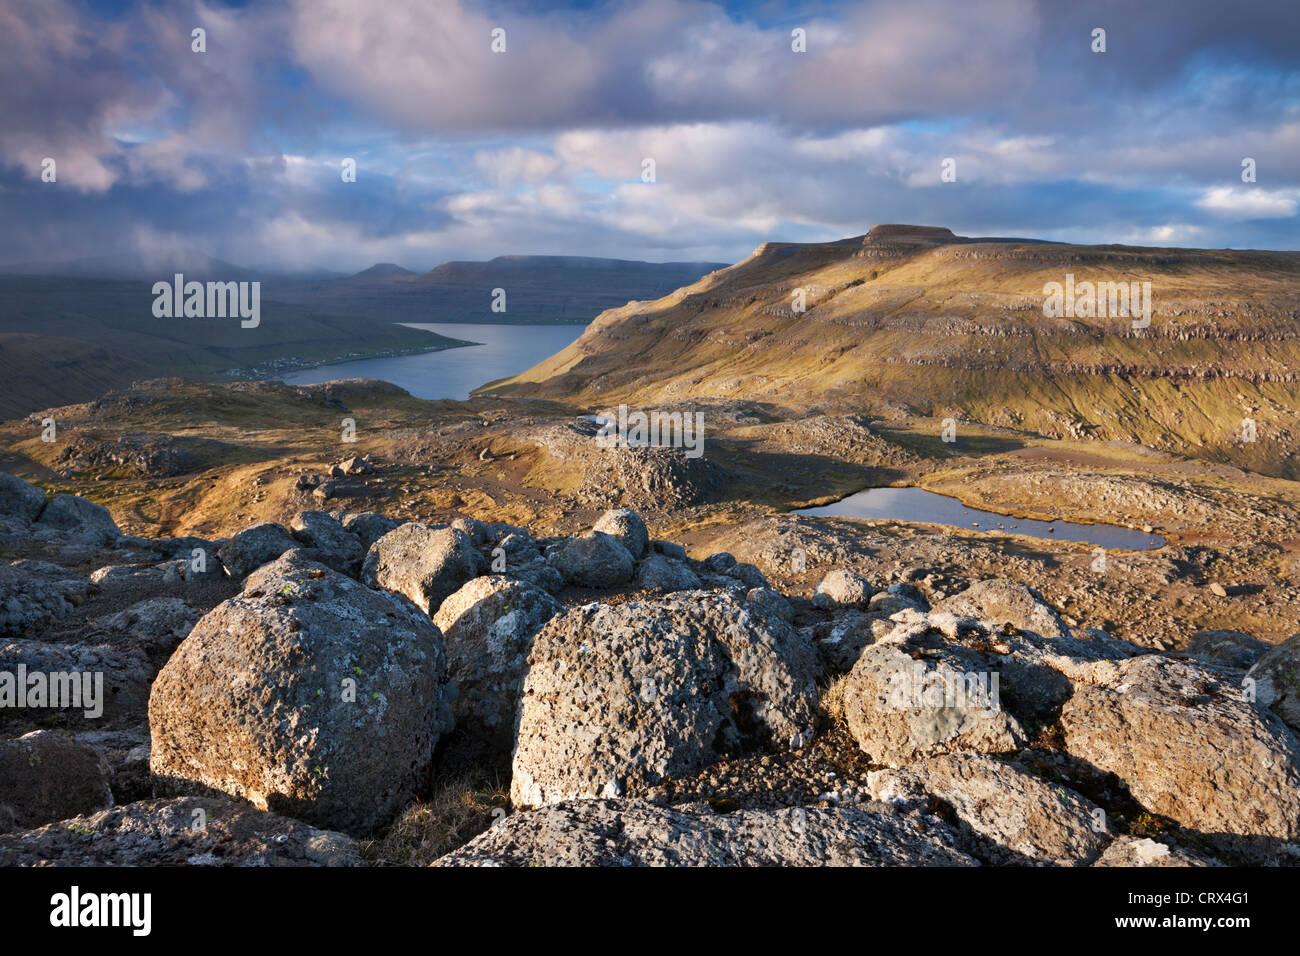 Des paysages de montagne sur l'île de Streymoy, Îles Féroé. Printemps (juin) 2012. Photo Stock